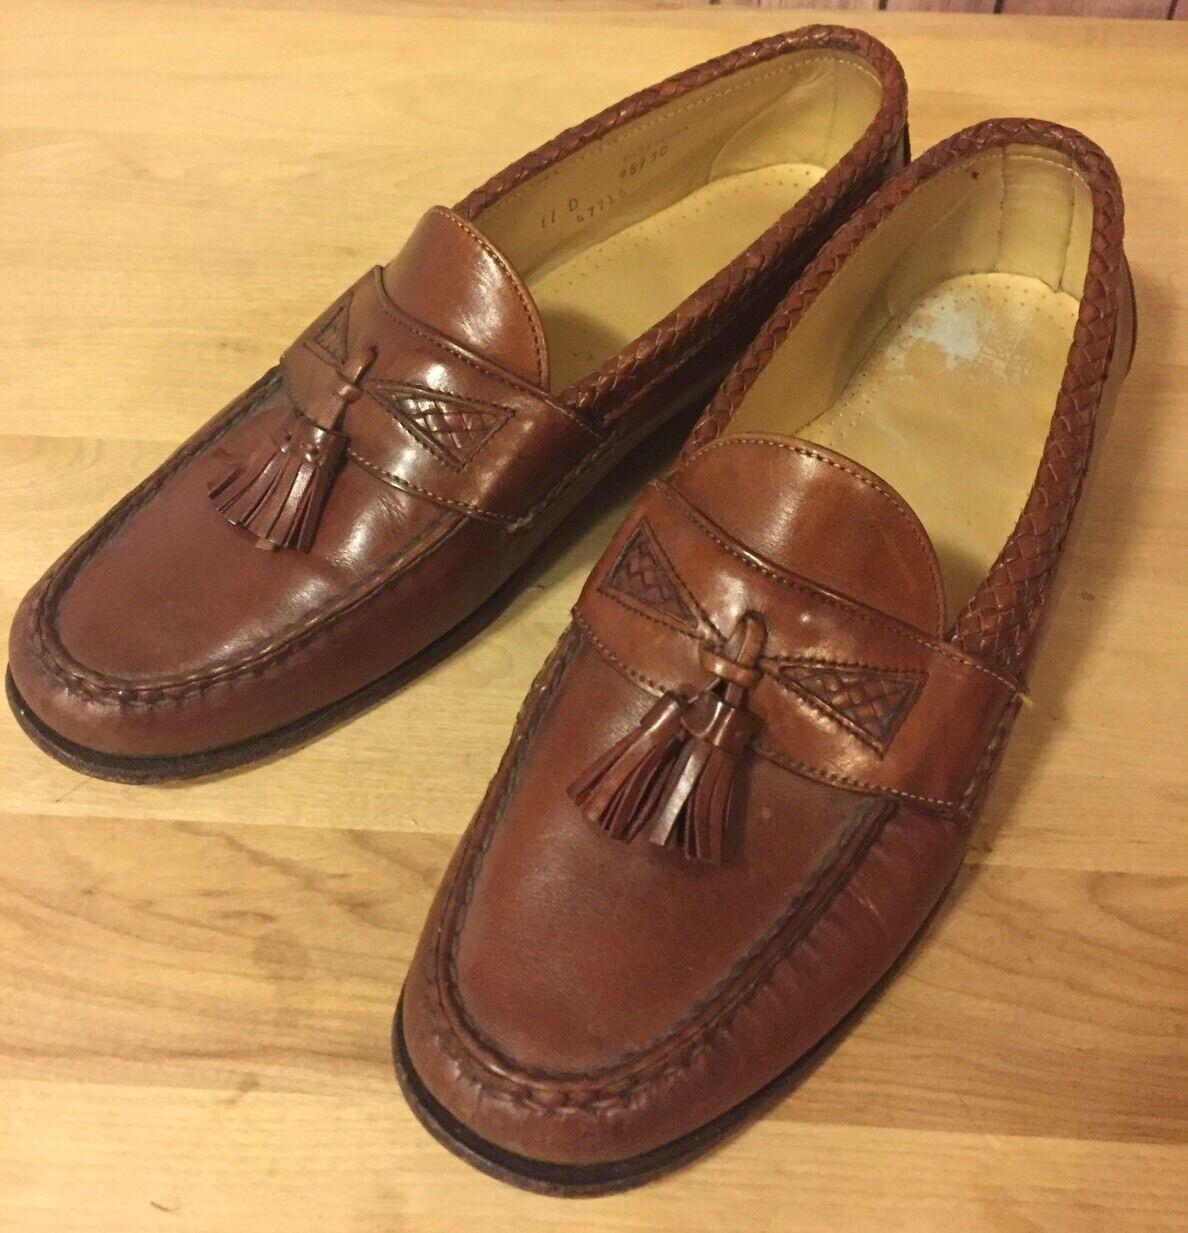 Allen Edmonds 'Maxfield' Woven Tassel Loafers In Burgundy Brown Size 11 D